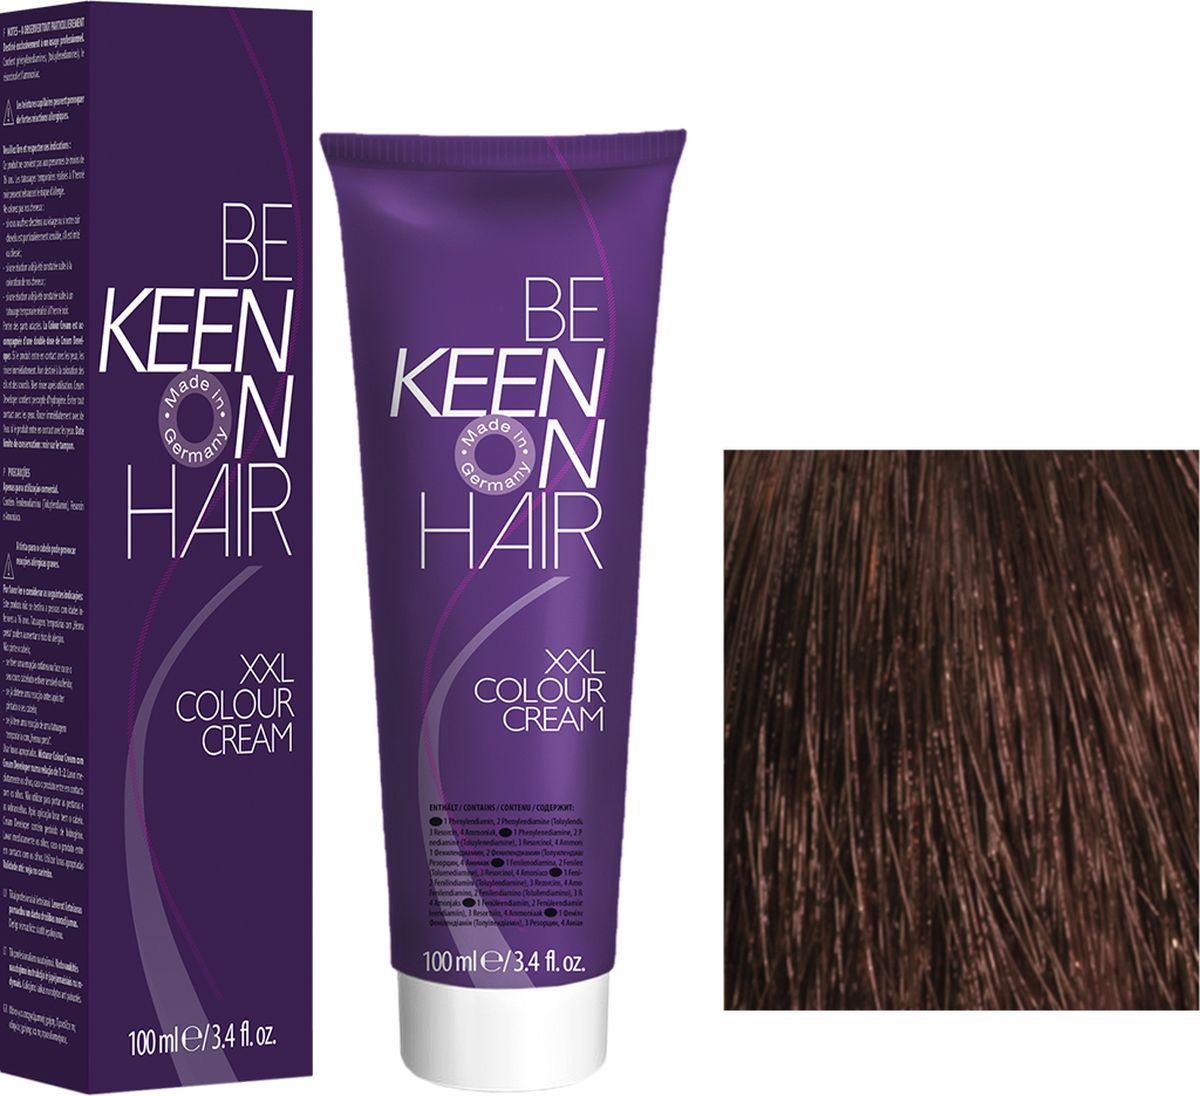 Keen Краска для волос 6.77 Кофе Kaffee, 100 мл382516Модные оттенкиБолее 100 оттенков для креативной комбинации цветов.ЭкономичностьПри использовании тюбика 100 мл вы получаете оптимальное соотношение цены и качества!УходМолочный белок поддерживает структуру волоса во время окрашивания и придает волосам блеск и шелковистость. Протеины хорошо встраиваются в волосы и снабжают их влагой.